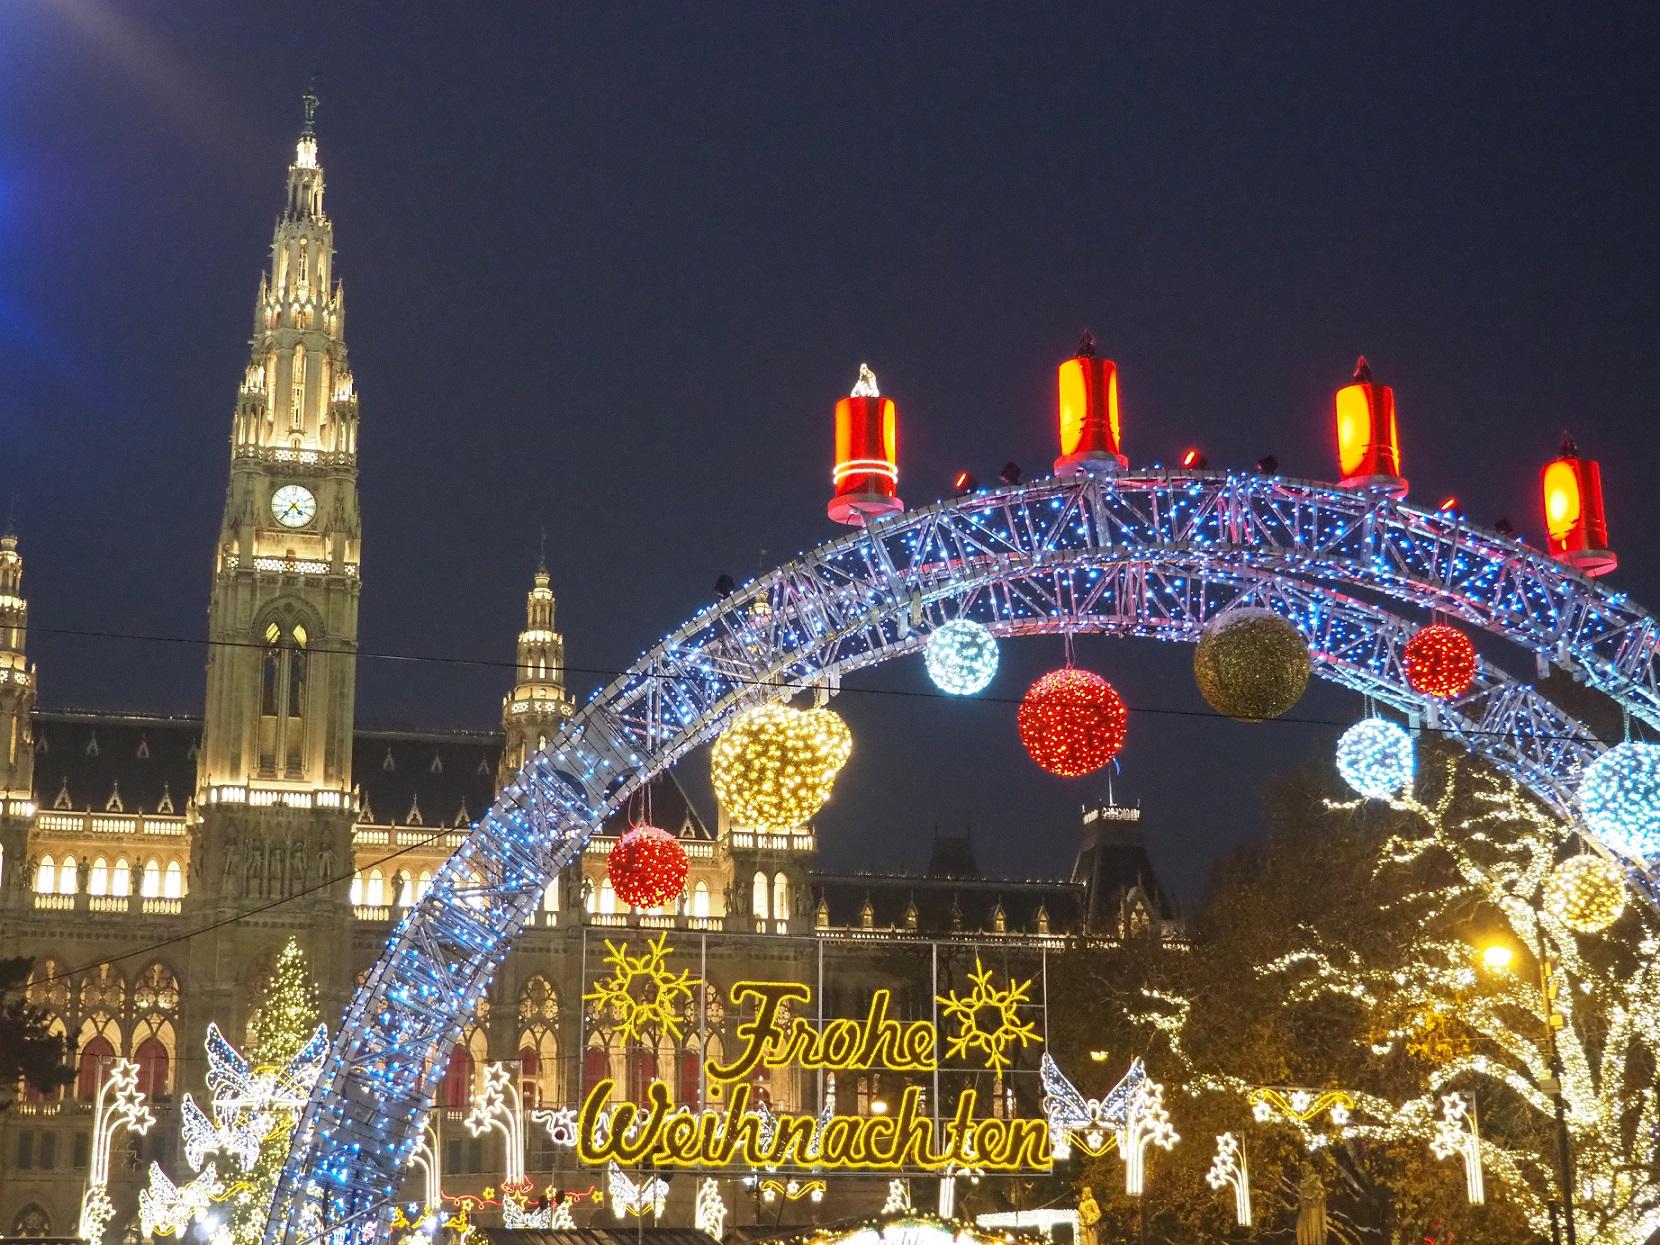 Marché de Nöel à Vienne